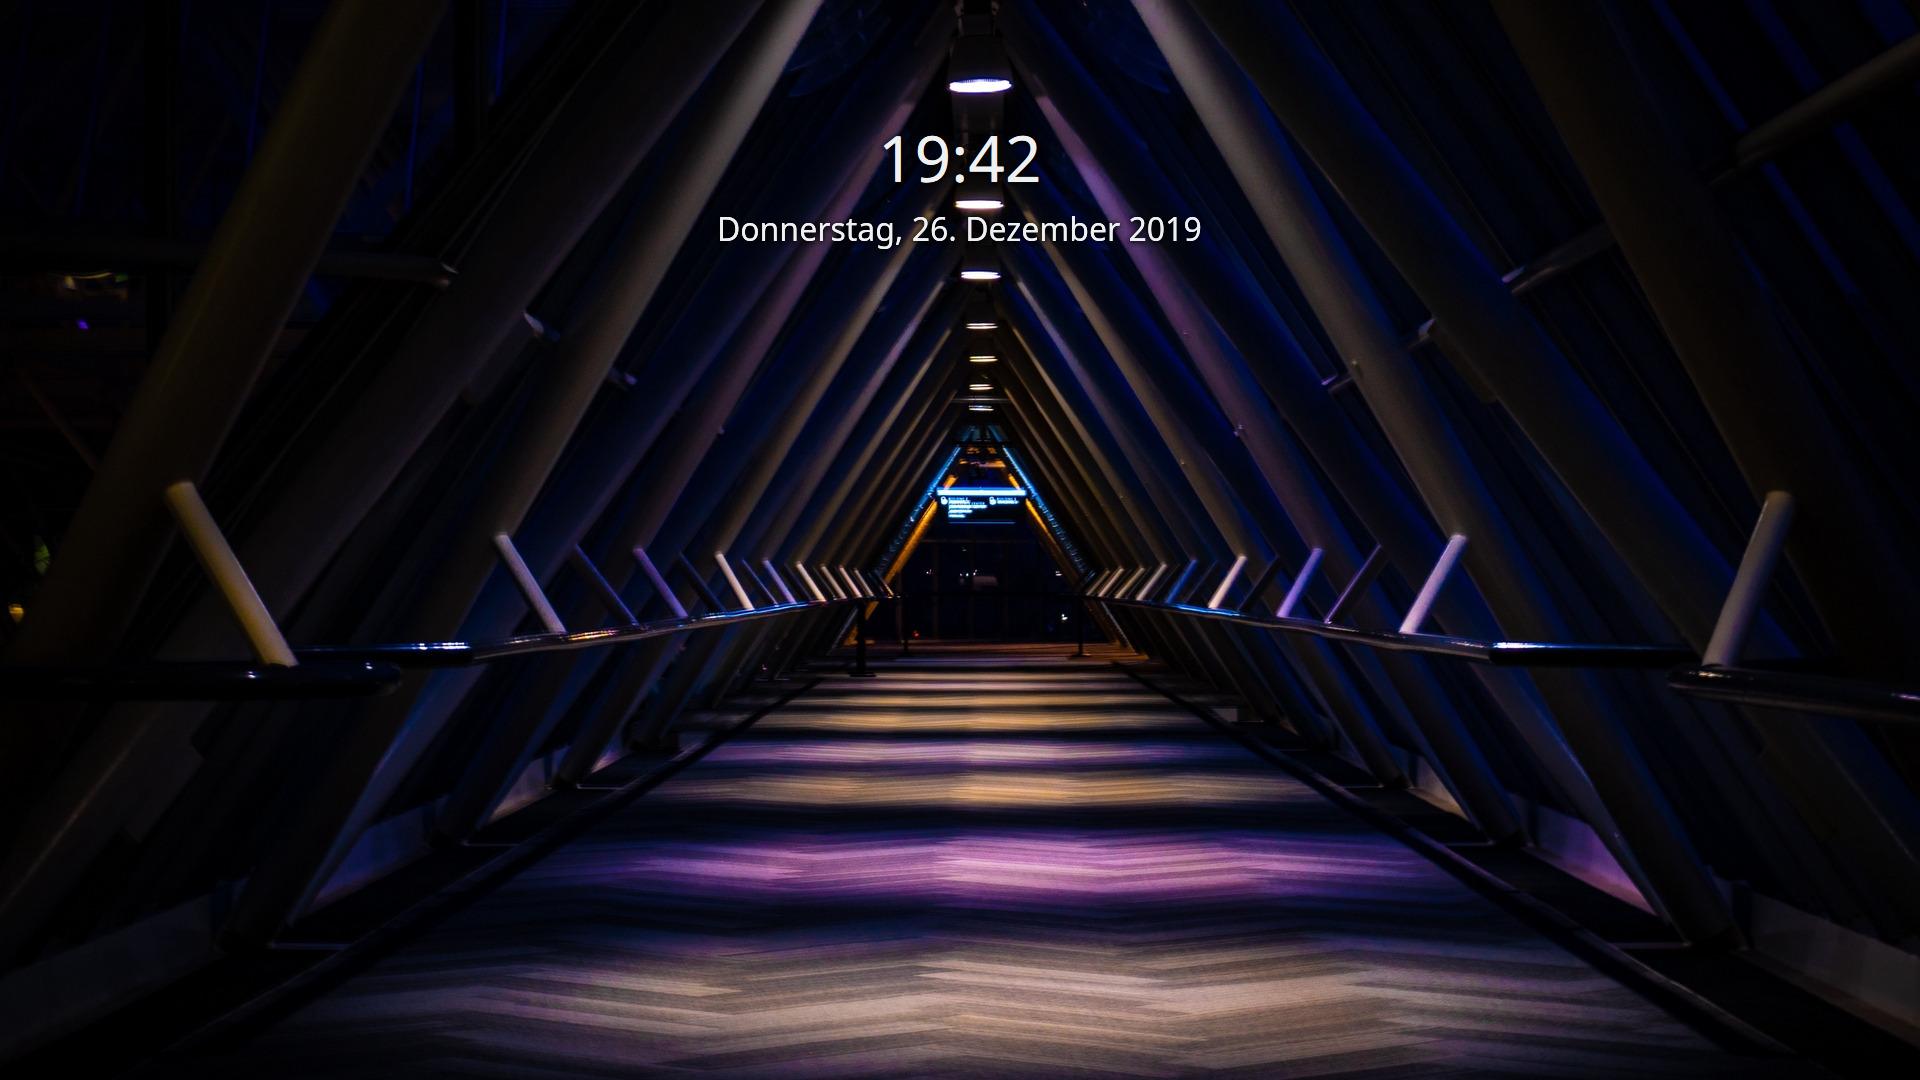 Screenshot_Laptop_lckscrn.jpeg